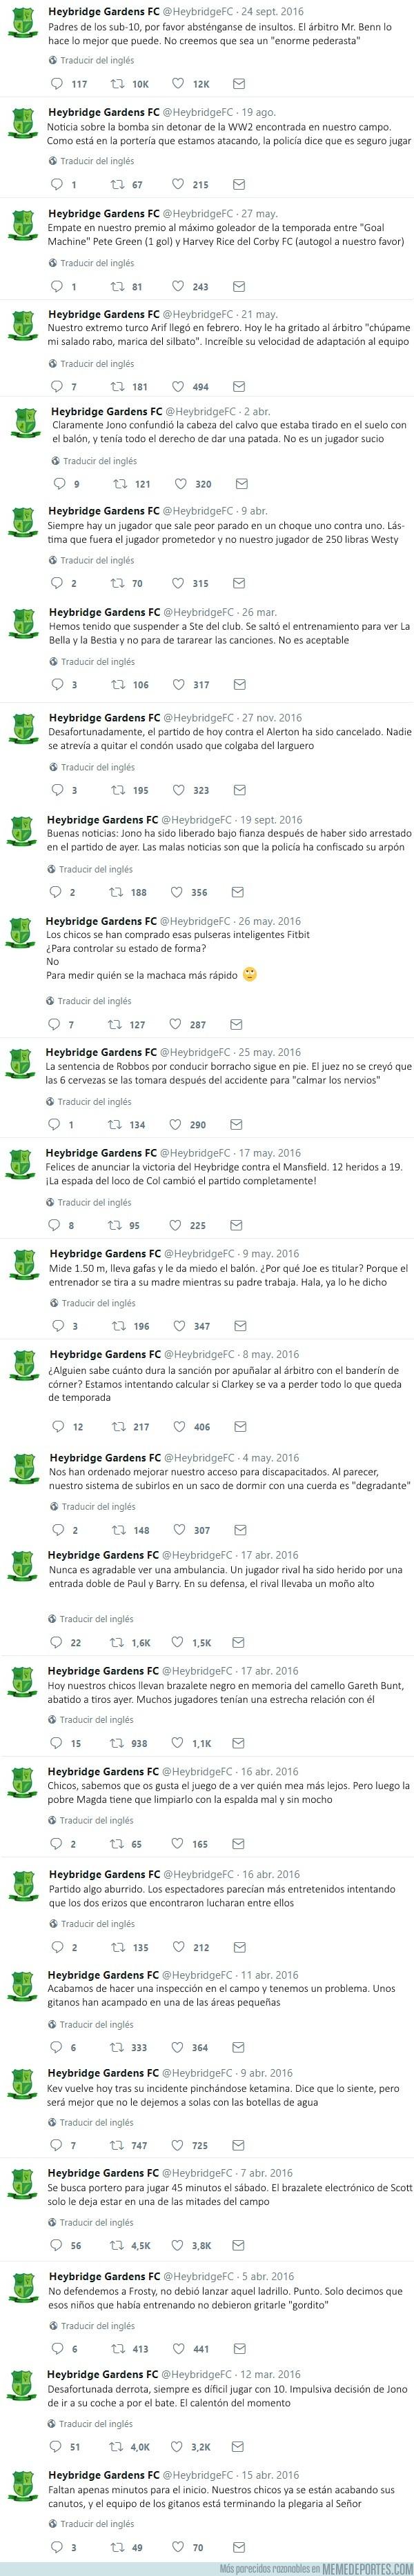 995272 - Los mejores tweets del Heybridge Gardens FC, equipo amateur inglés ficticio